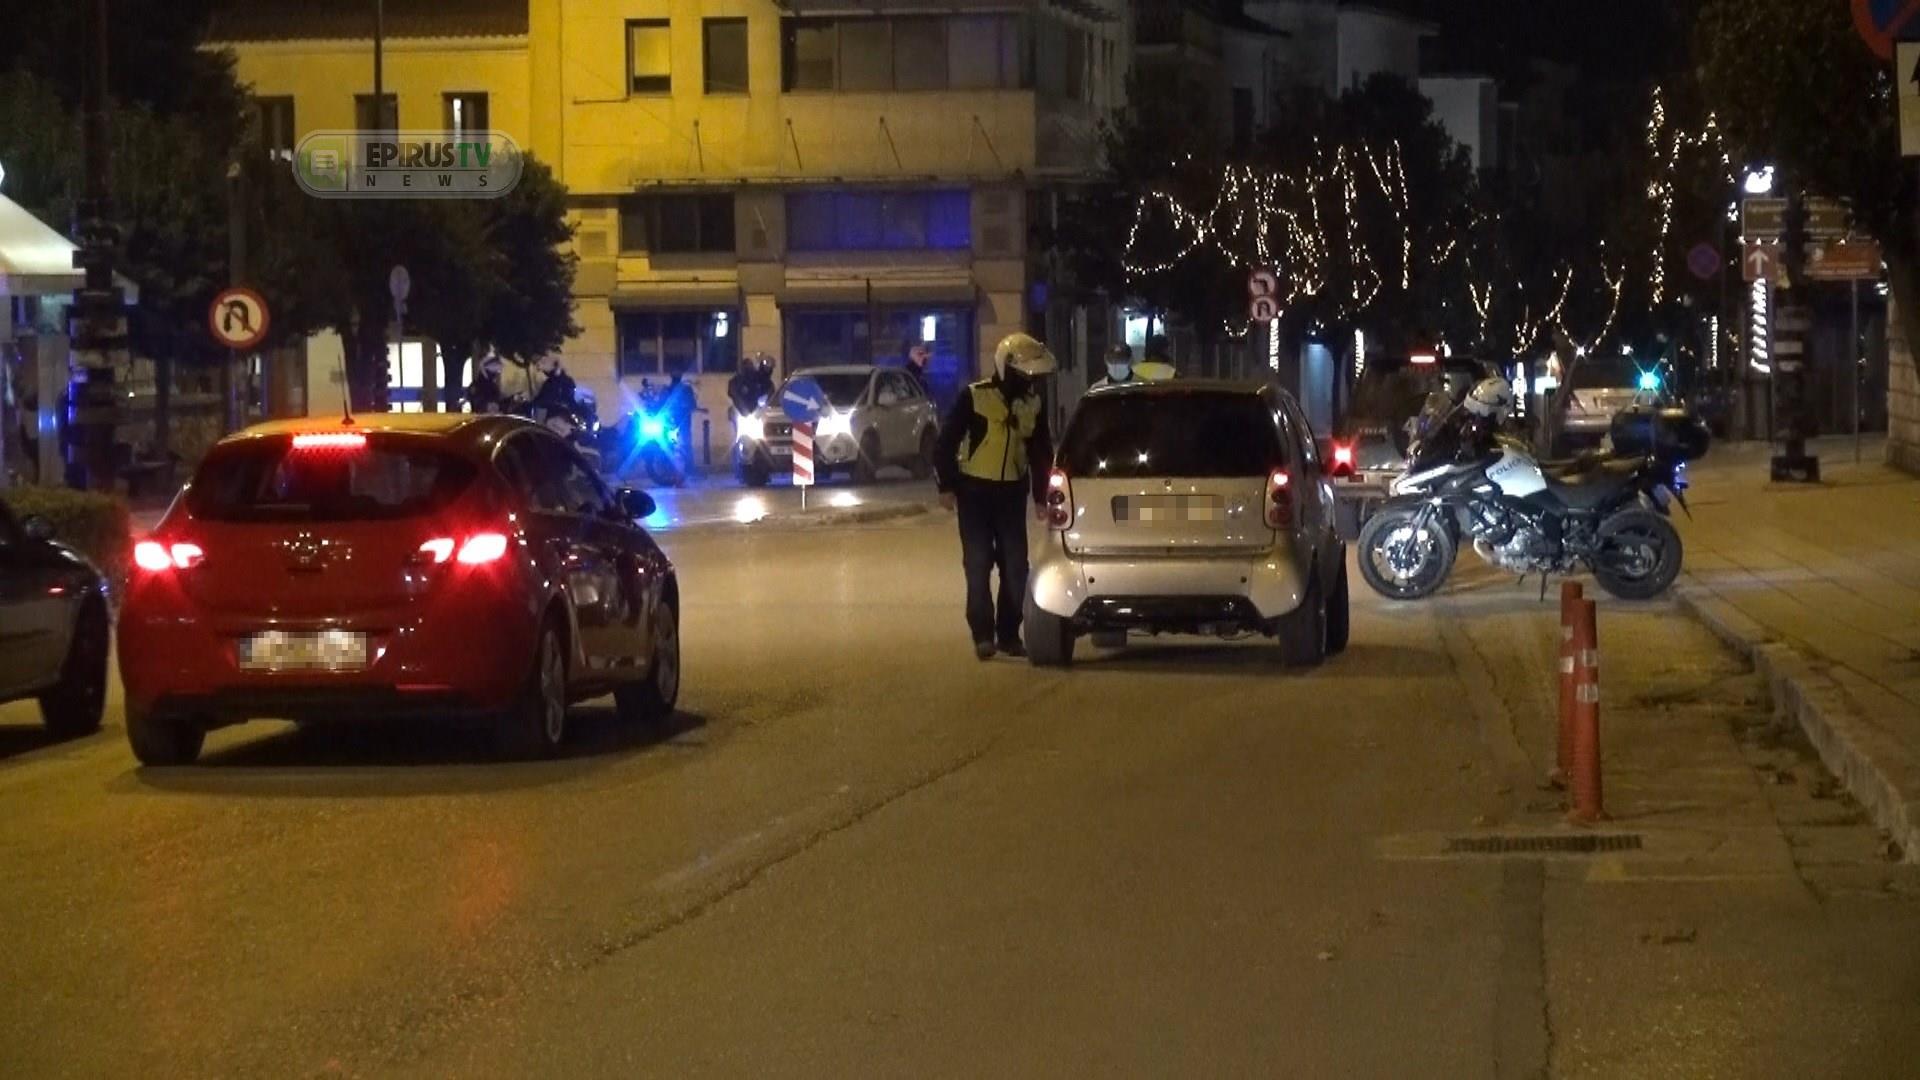 Περιοριστικά μέτρα :Τί έδειξαν οι έλεγχοι της Αστυνομίας χθες στην Ήπειρο